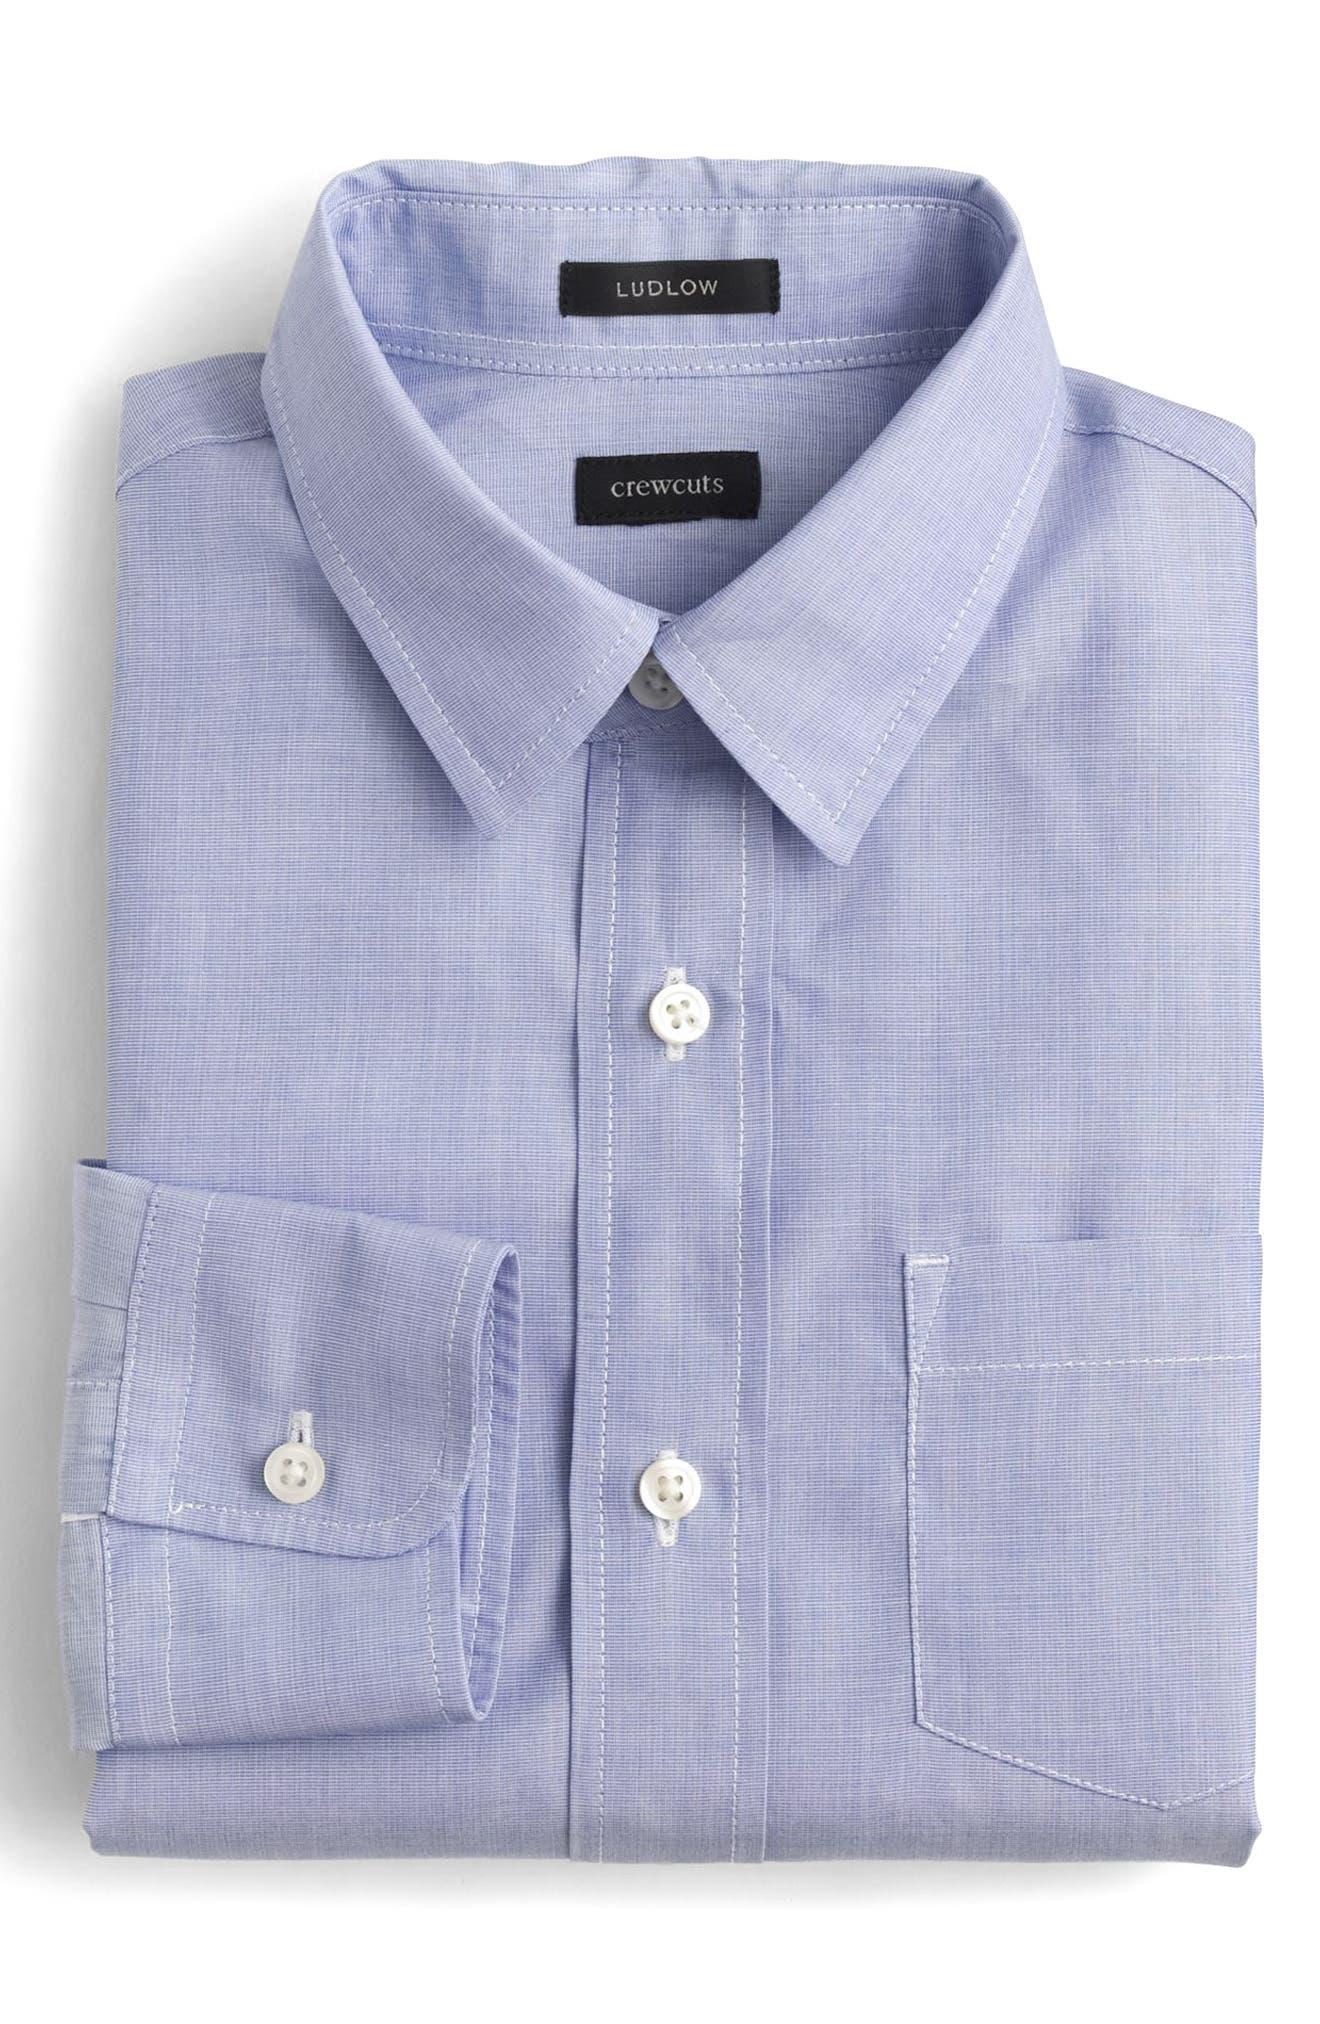 Ludlow Dress Shirt,                             Main thumbnail 1, color,                             Fairweather Blue Bl7786